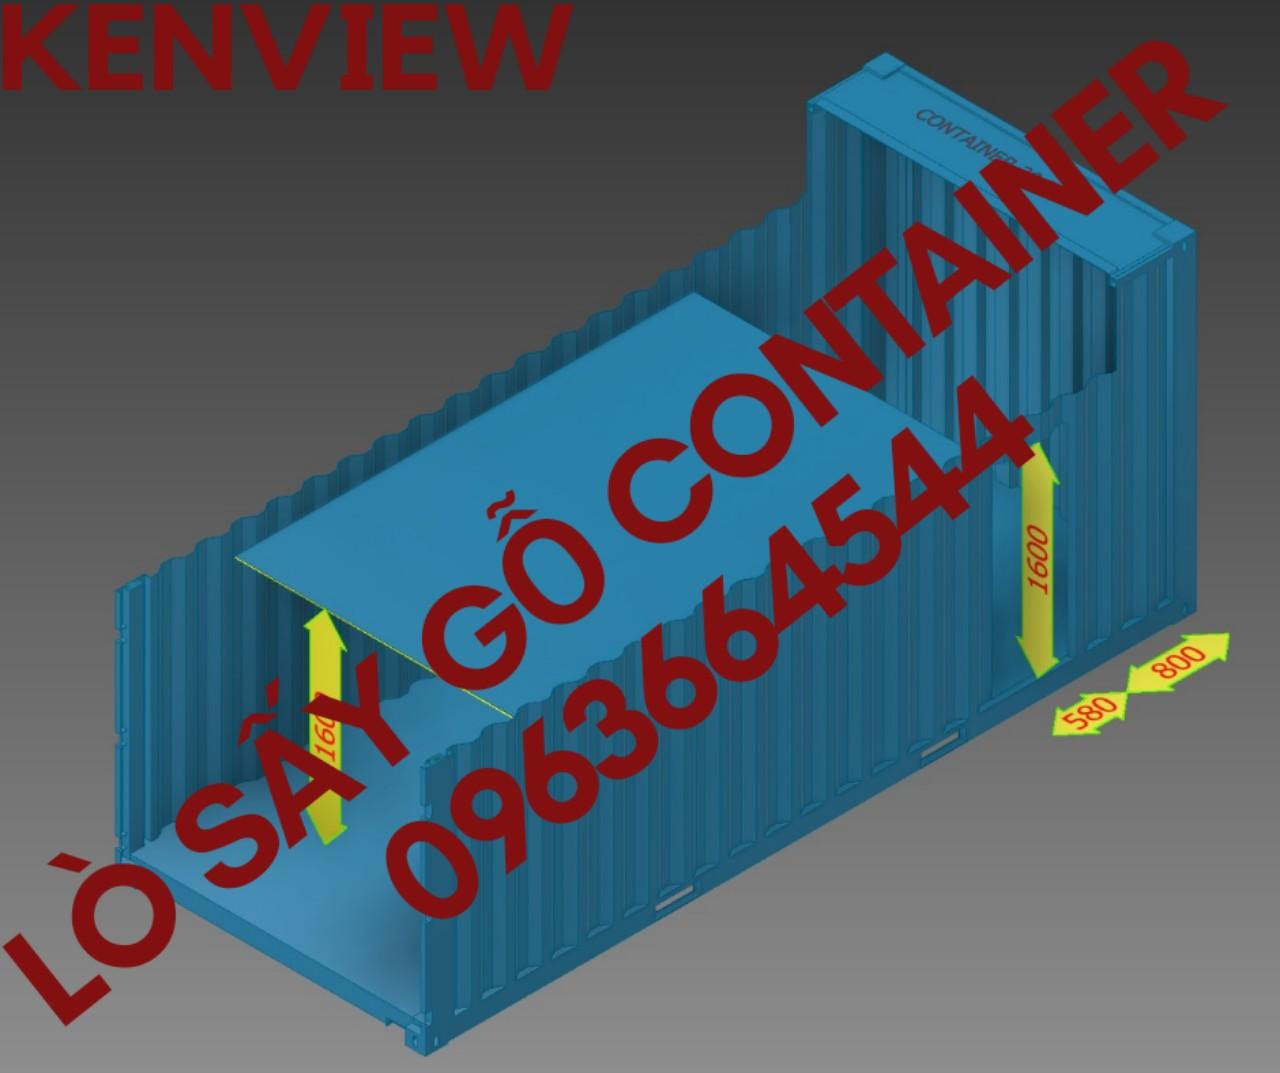 Lò sấy gỗ công nghiệp lắp bằng container giá rẻ